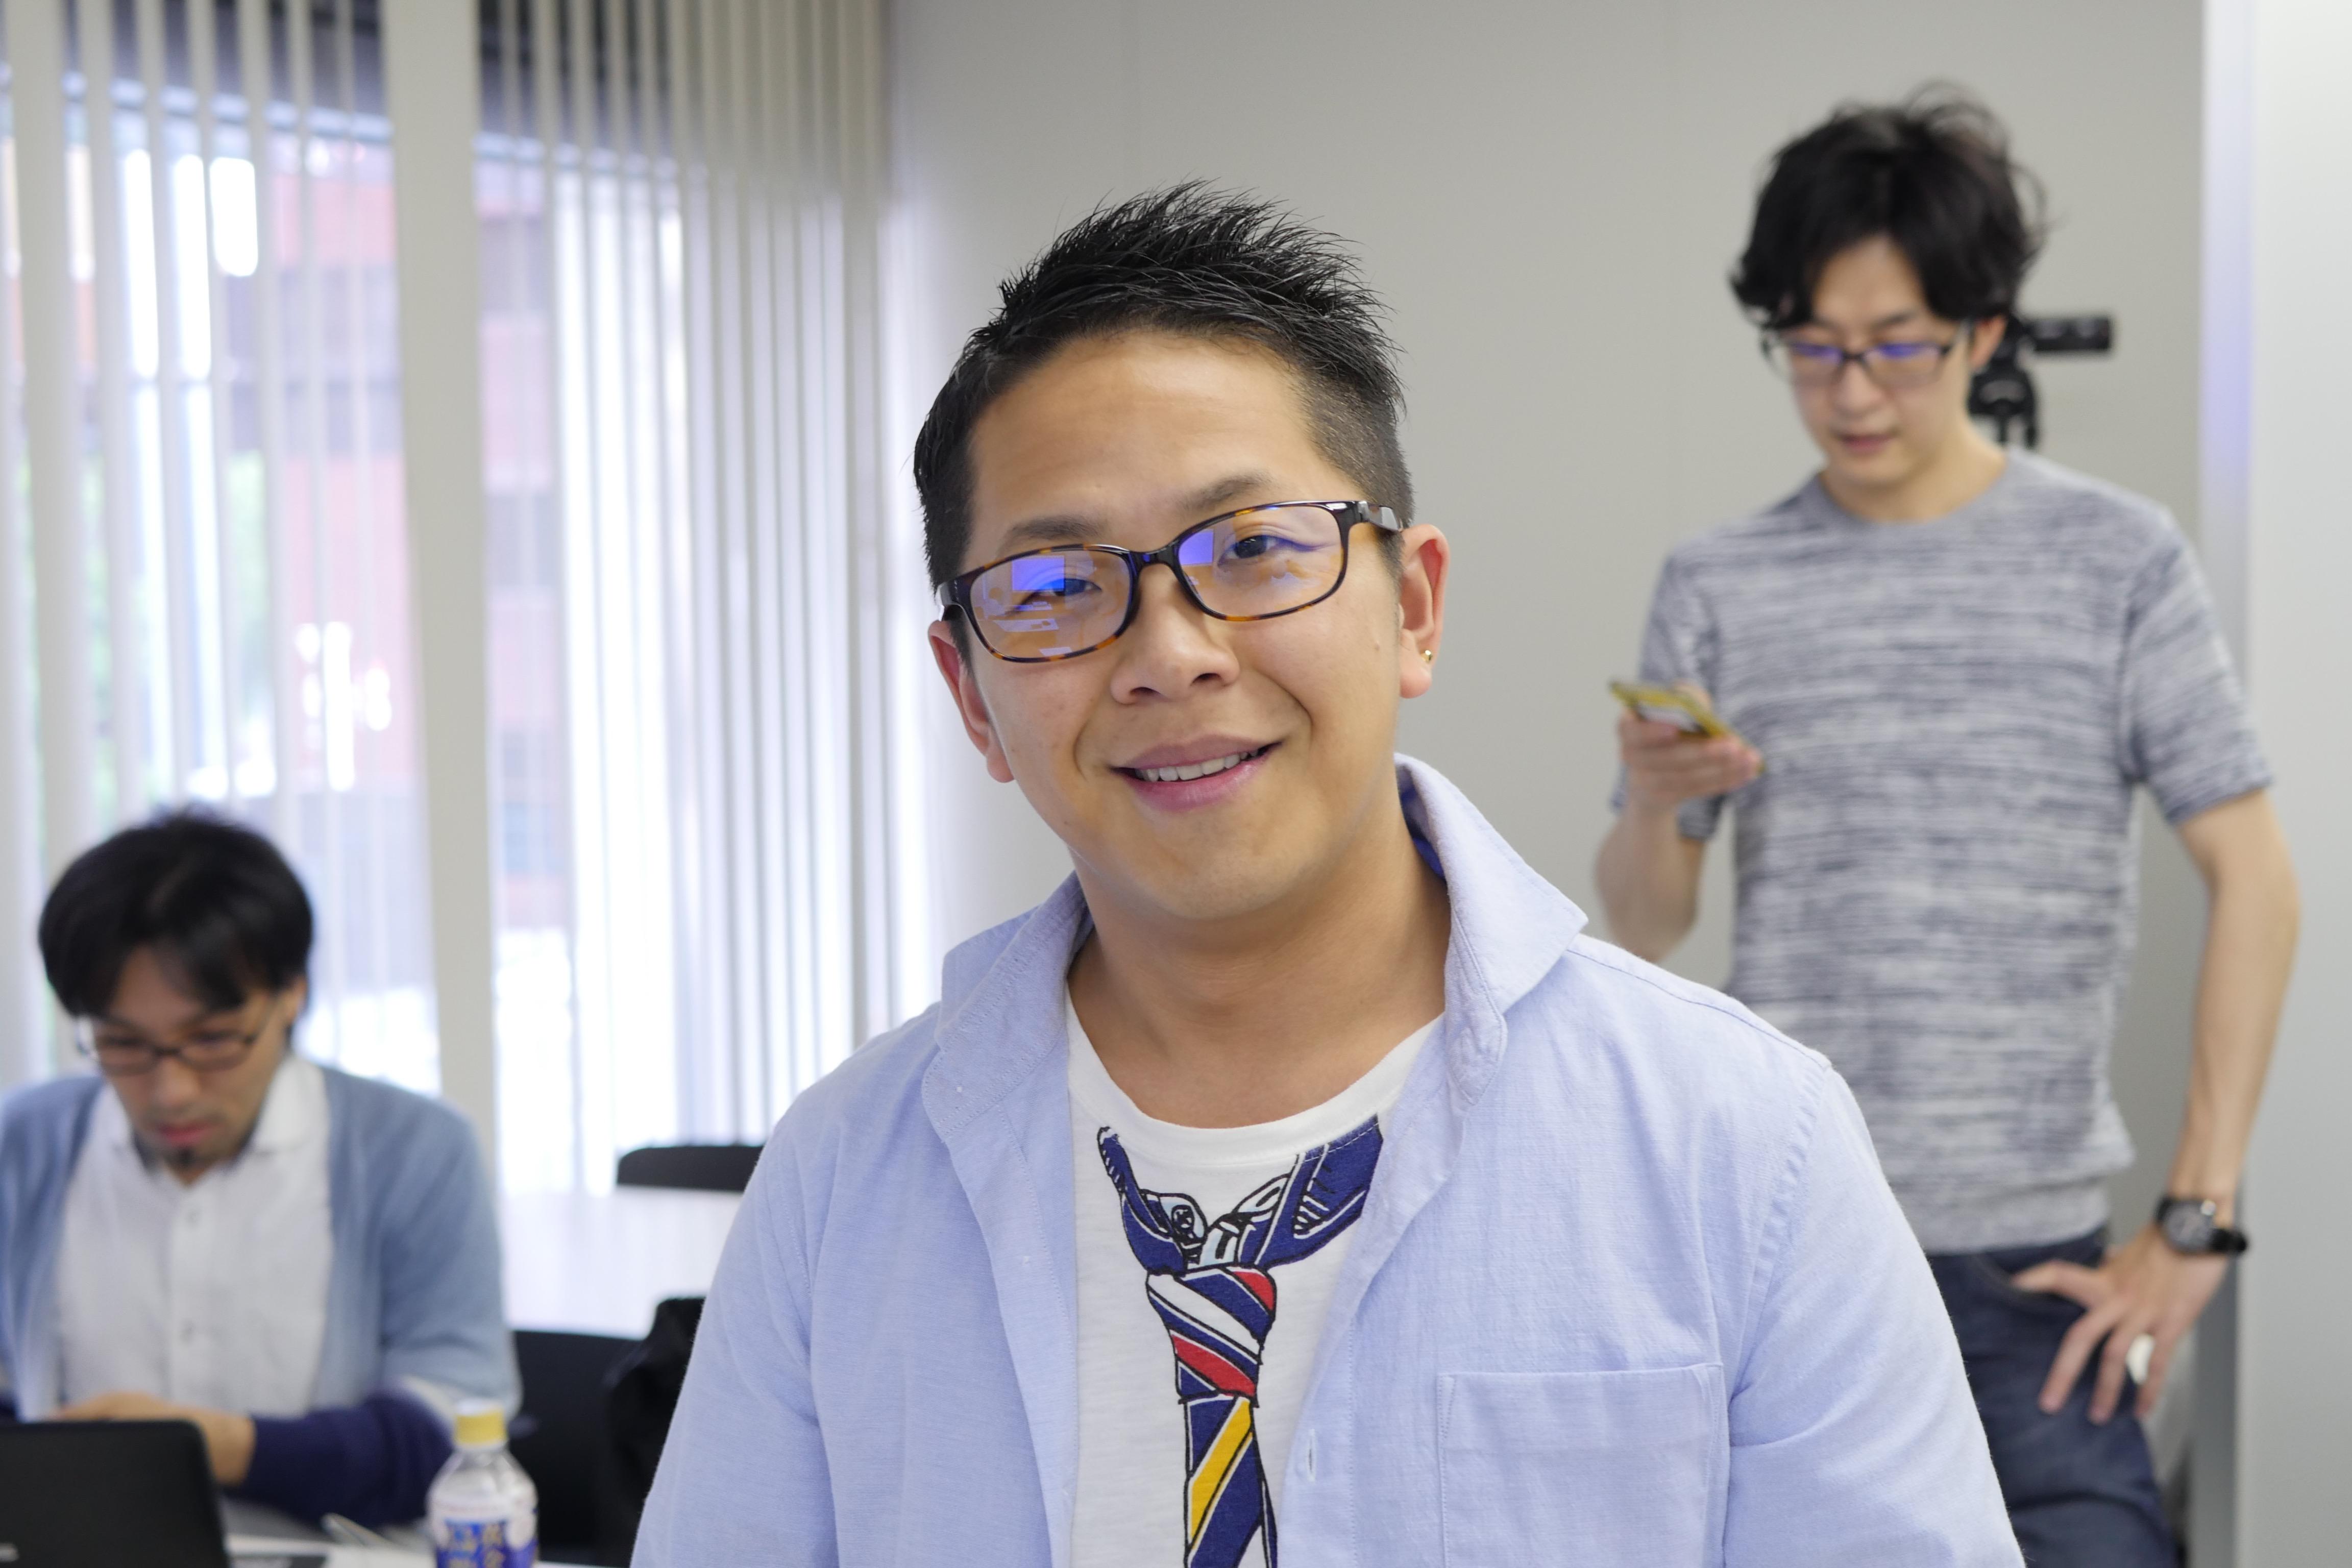 山嵜幸博さんマーチャントクラブ勉強会